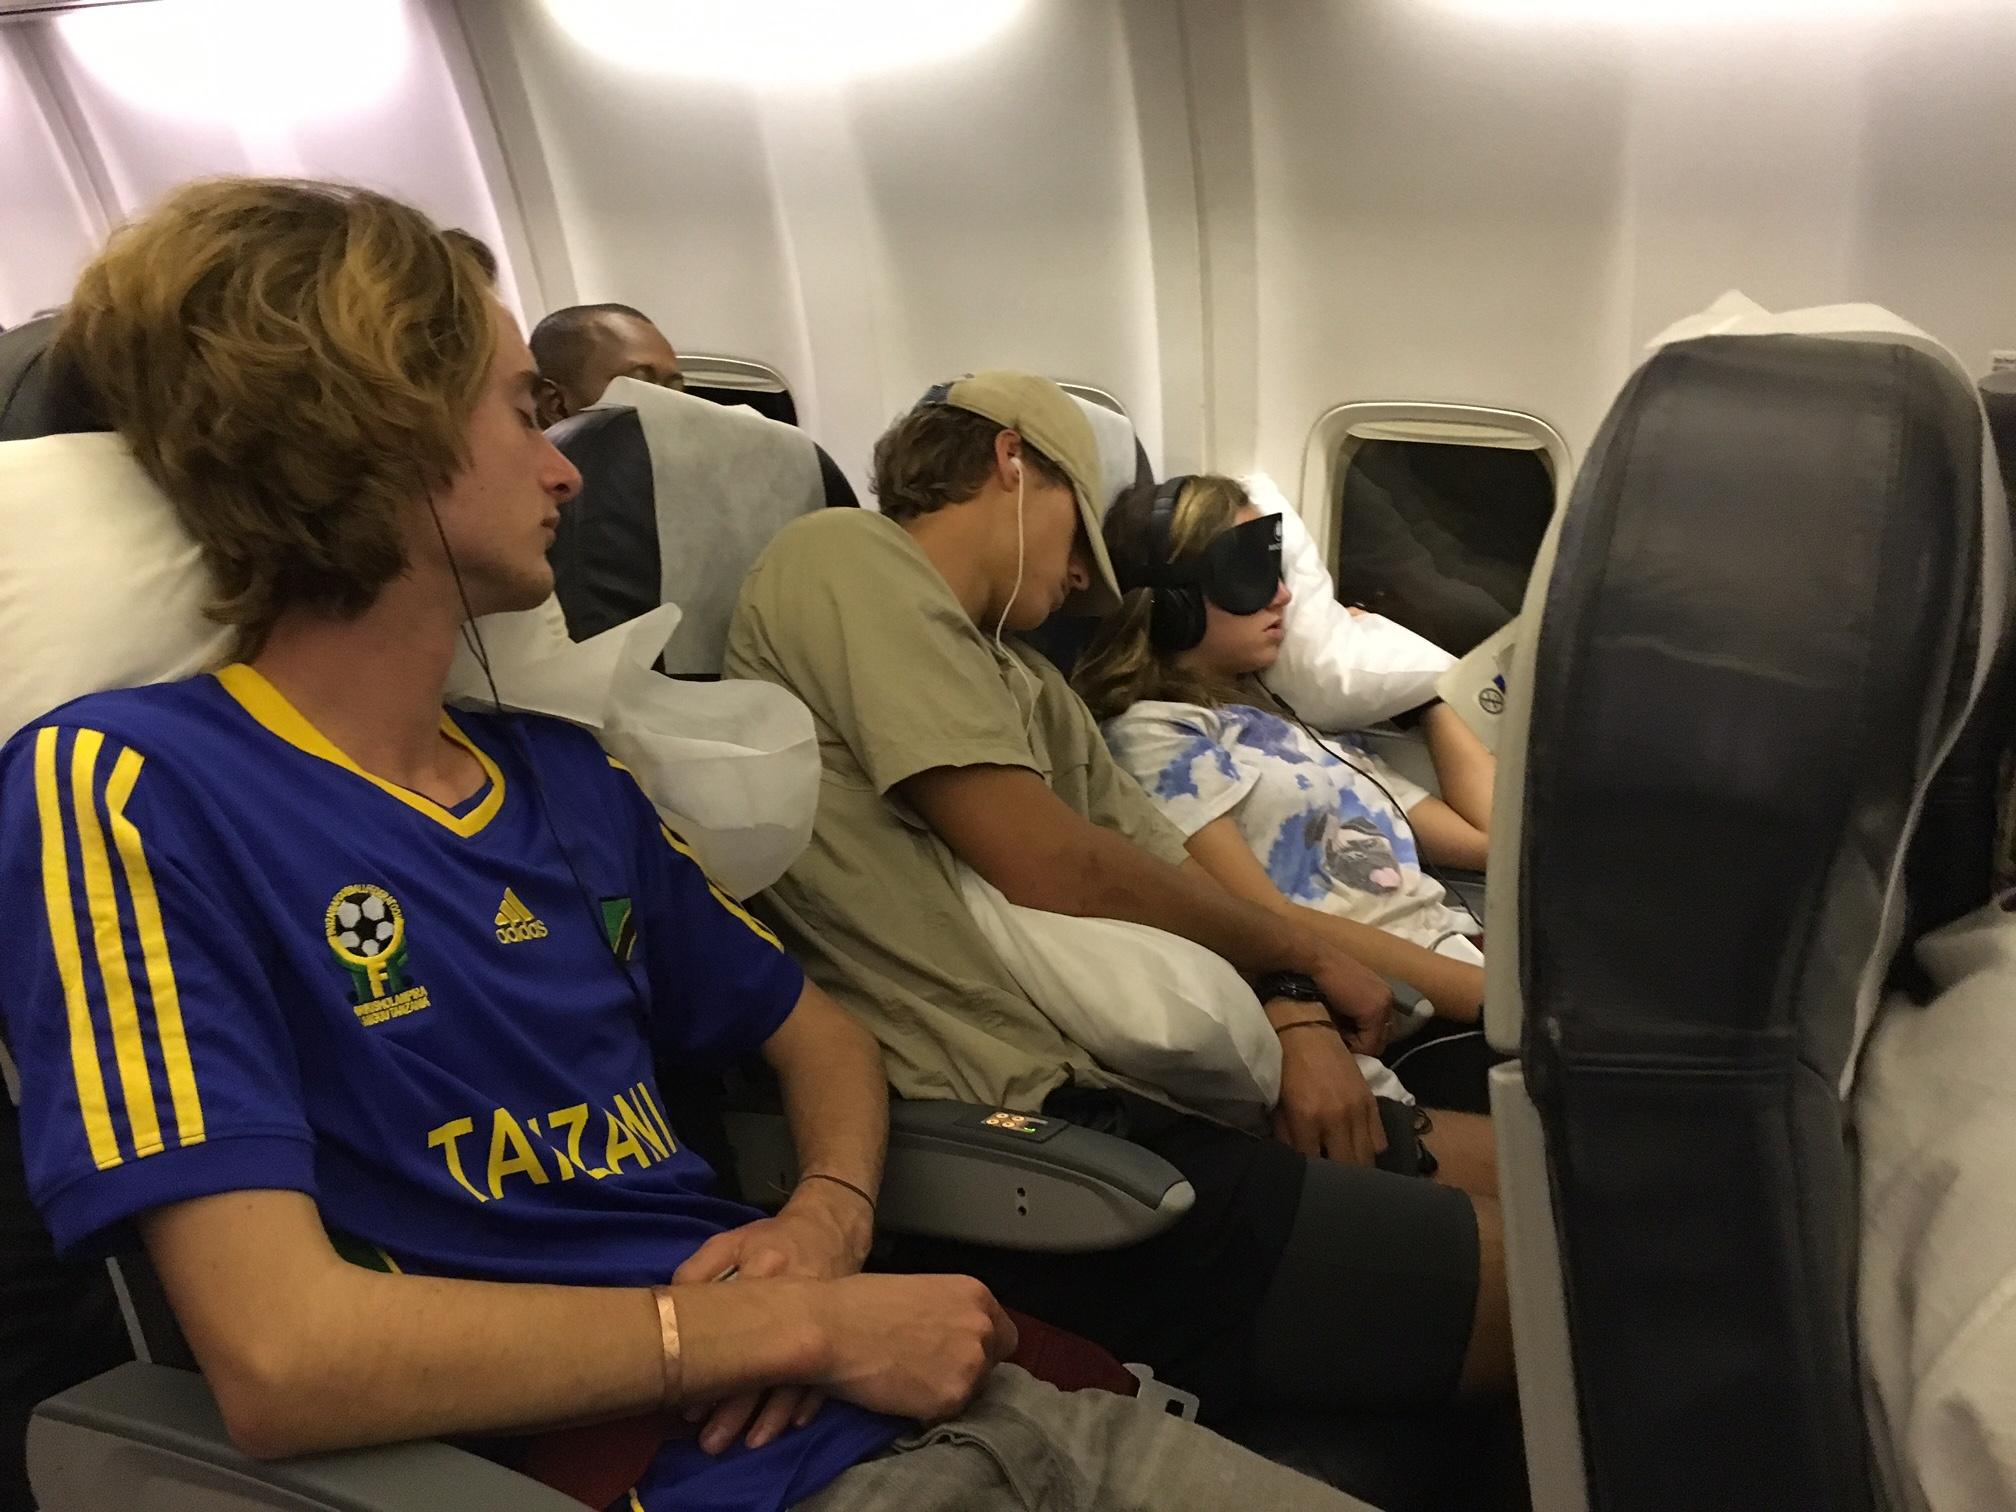 Kids_sleeping.jpg